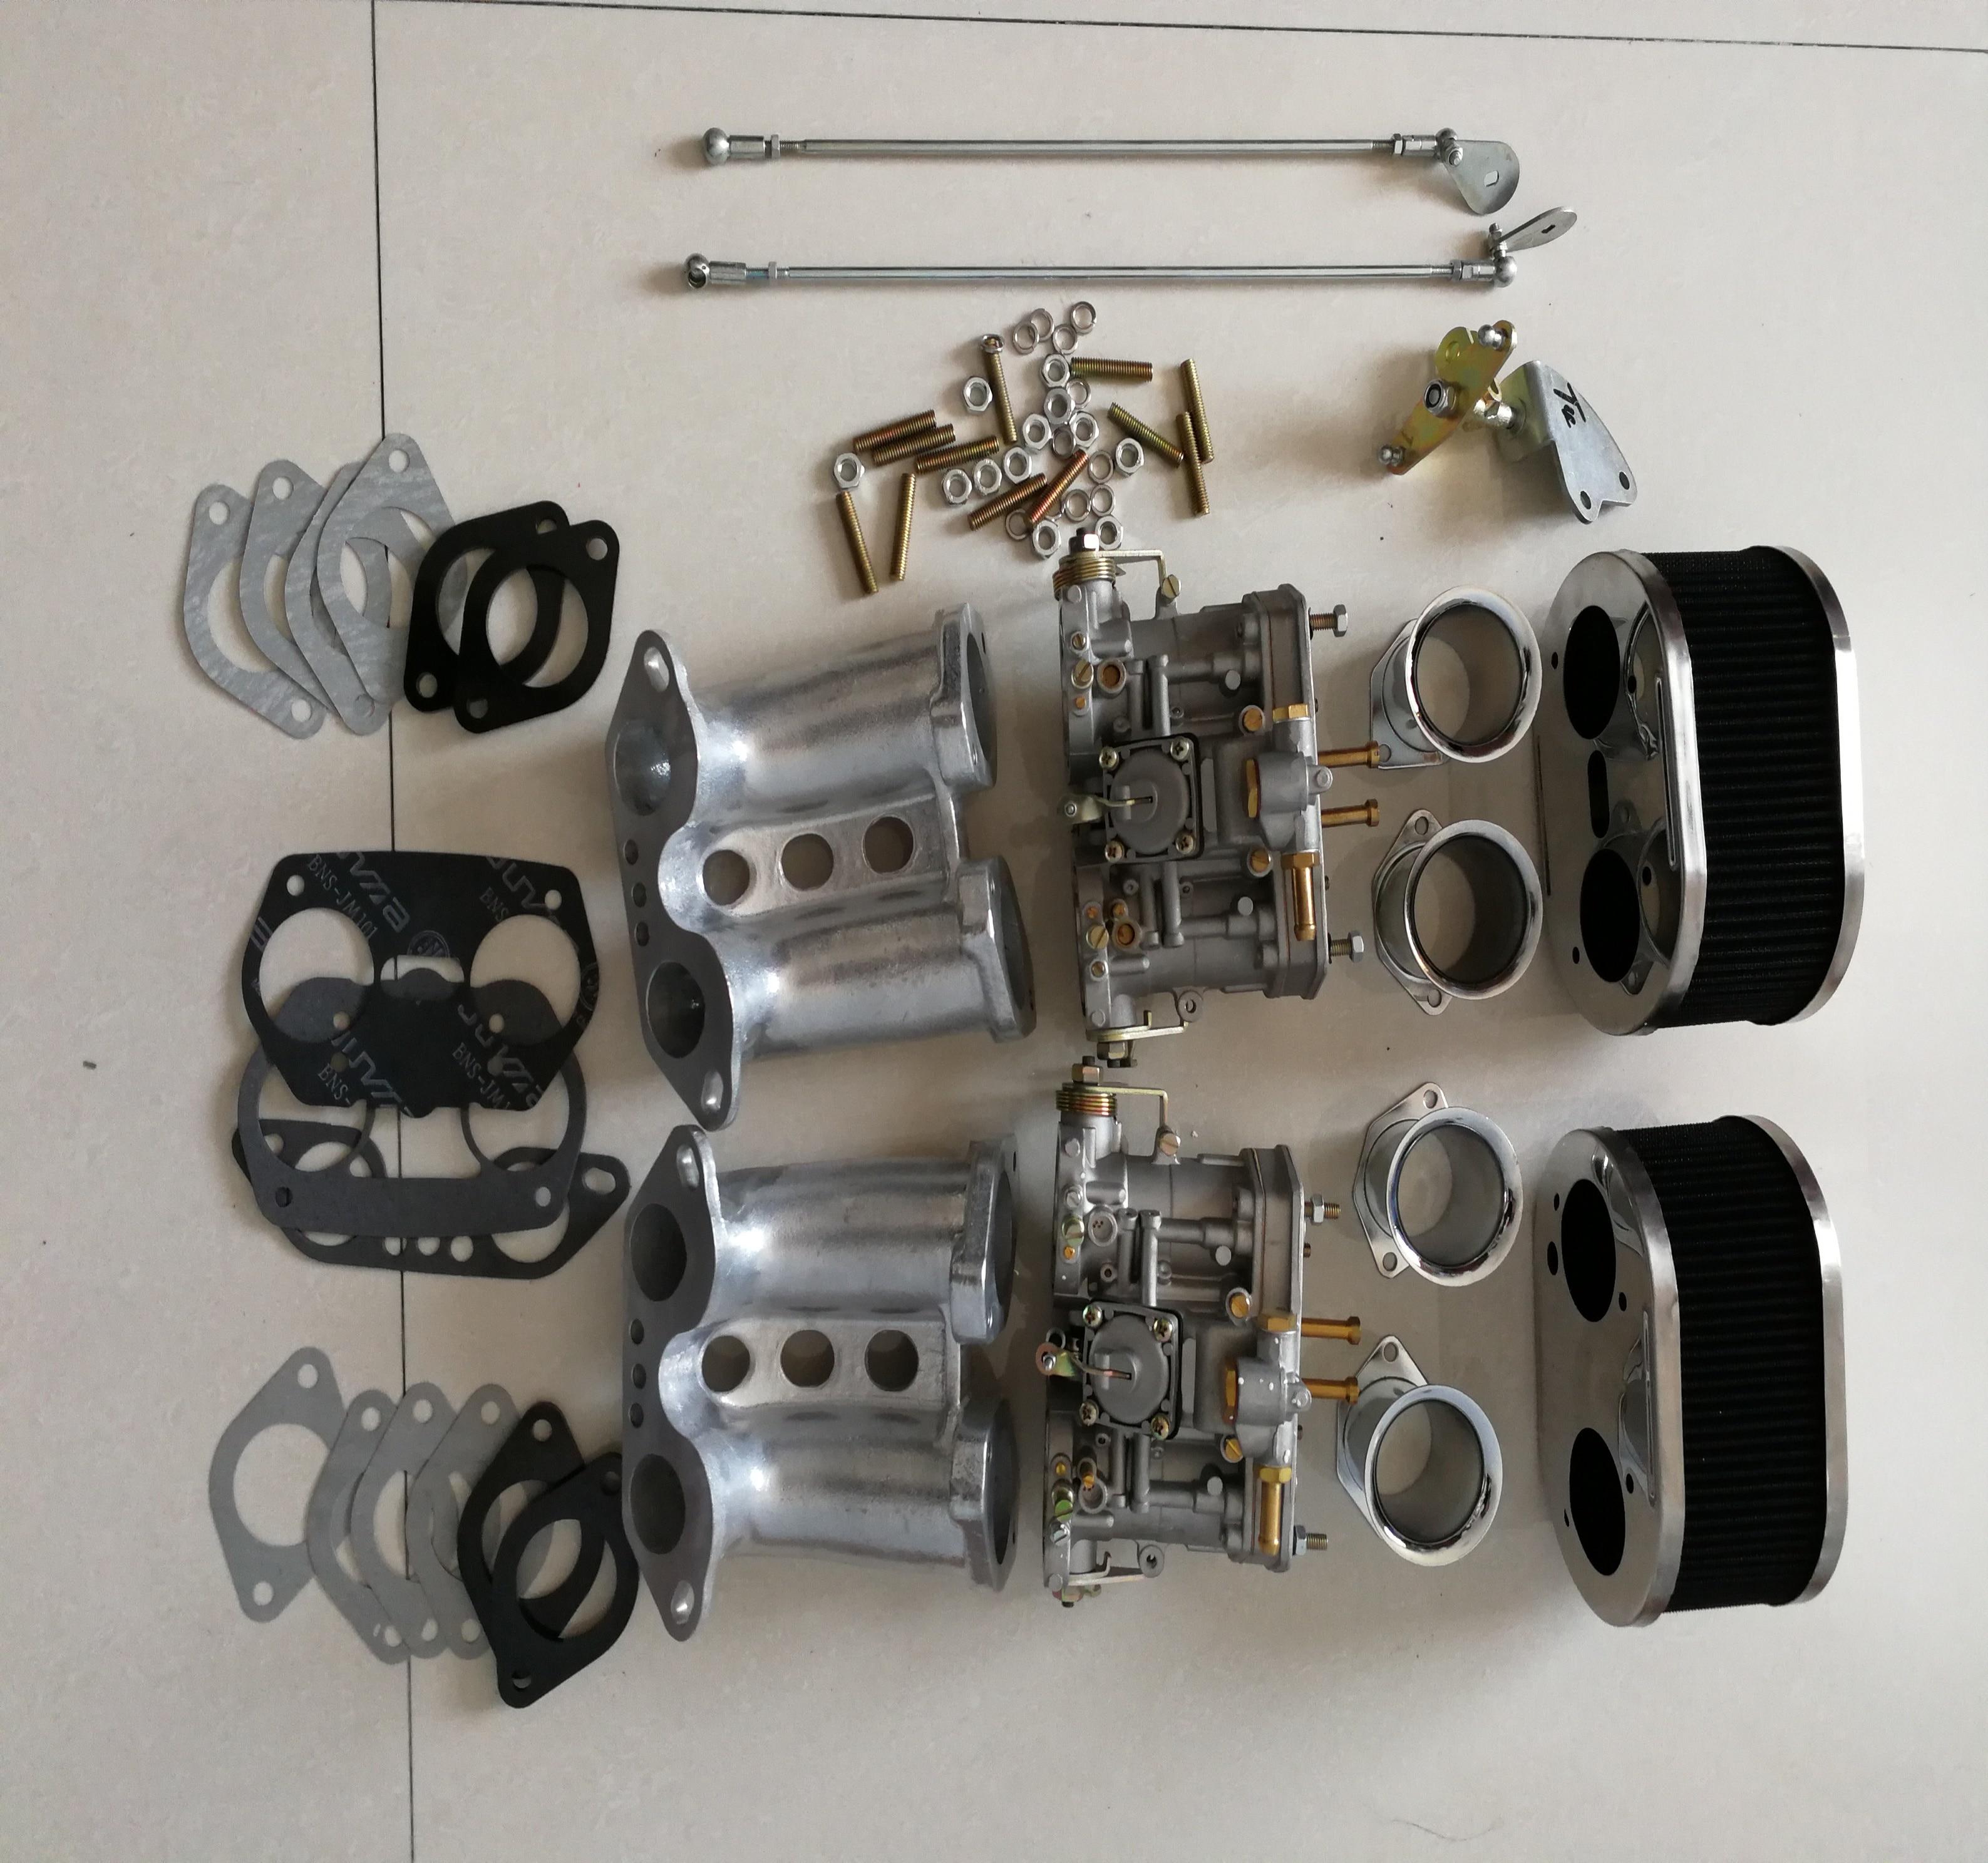 SherryBerg carburettor FAJS carb conversion kit 40IDF 40 mm IDF T1 TYPE 1 for Porsche 356 914 Weber dellorto carburetor EMPICarburetors   -